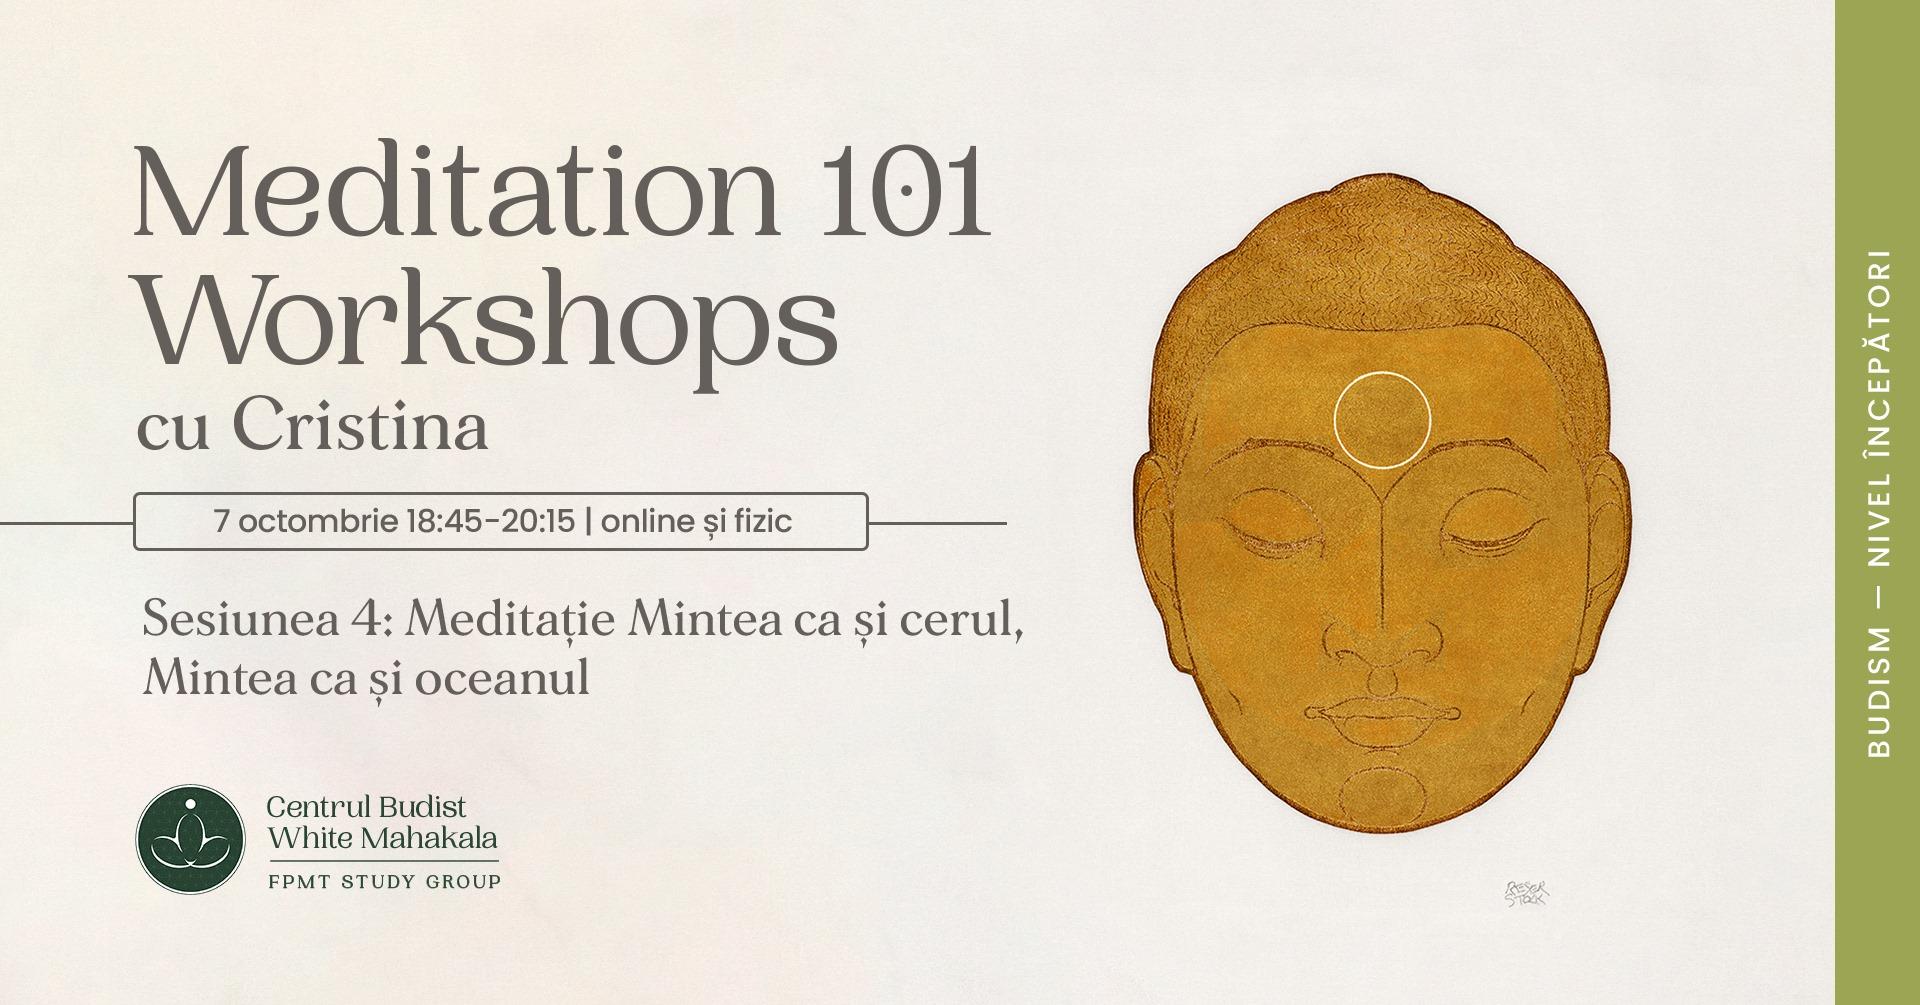 MEDITATION 101- Workshops. Sesiunea 4: Meditatie Mintea ca si cerul/Mintea ca si oceanul